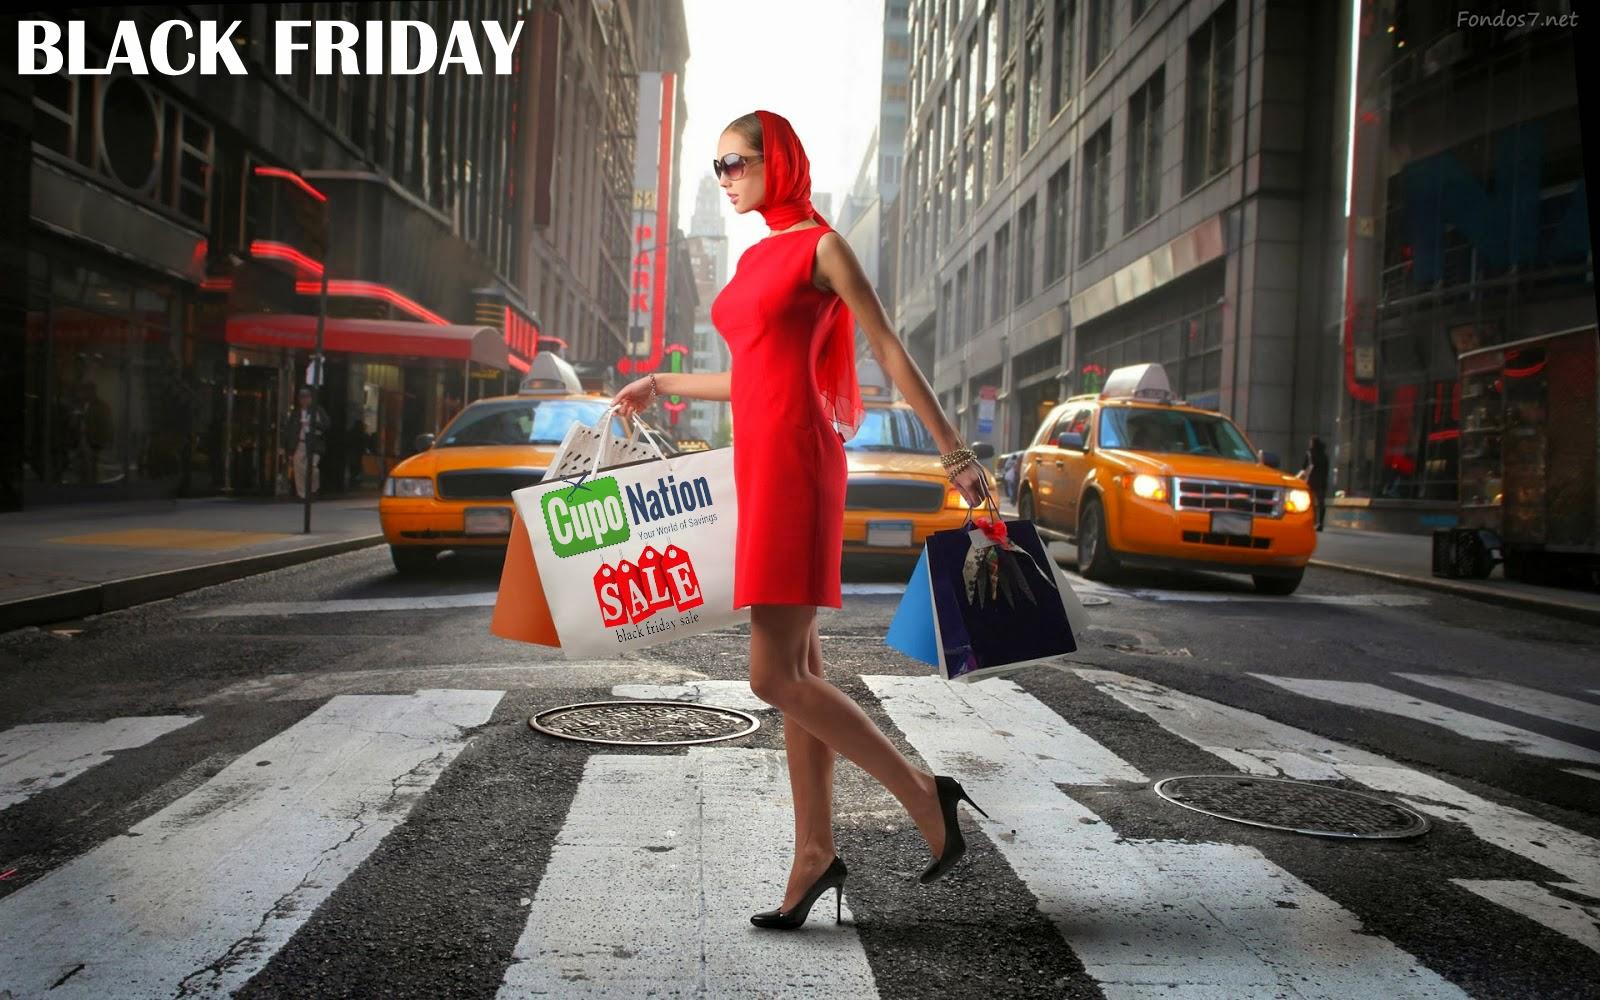 cuponation, mi vestido azul, blog de moda, black friday, castellón